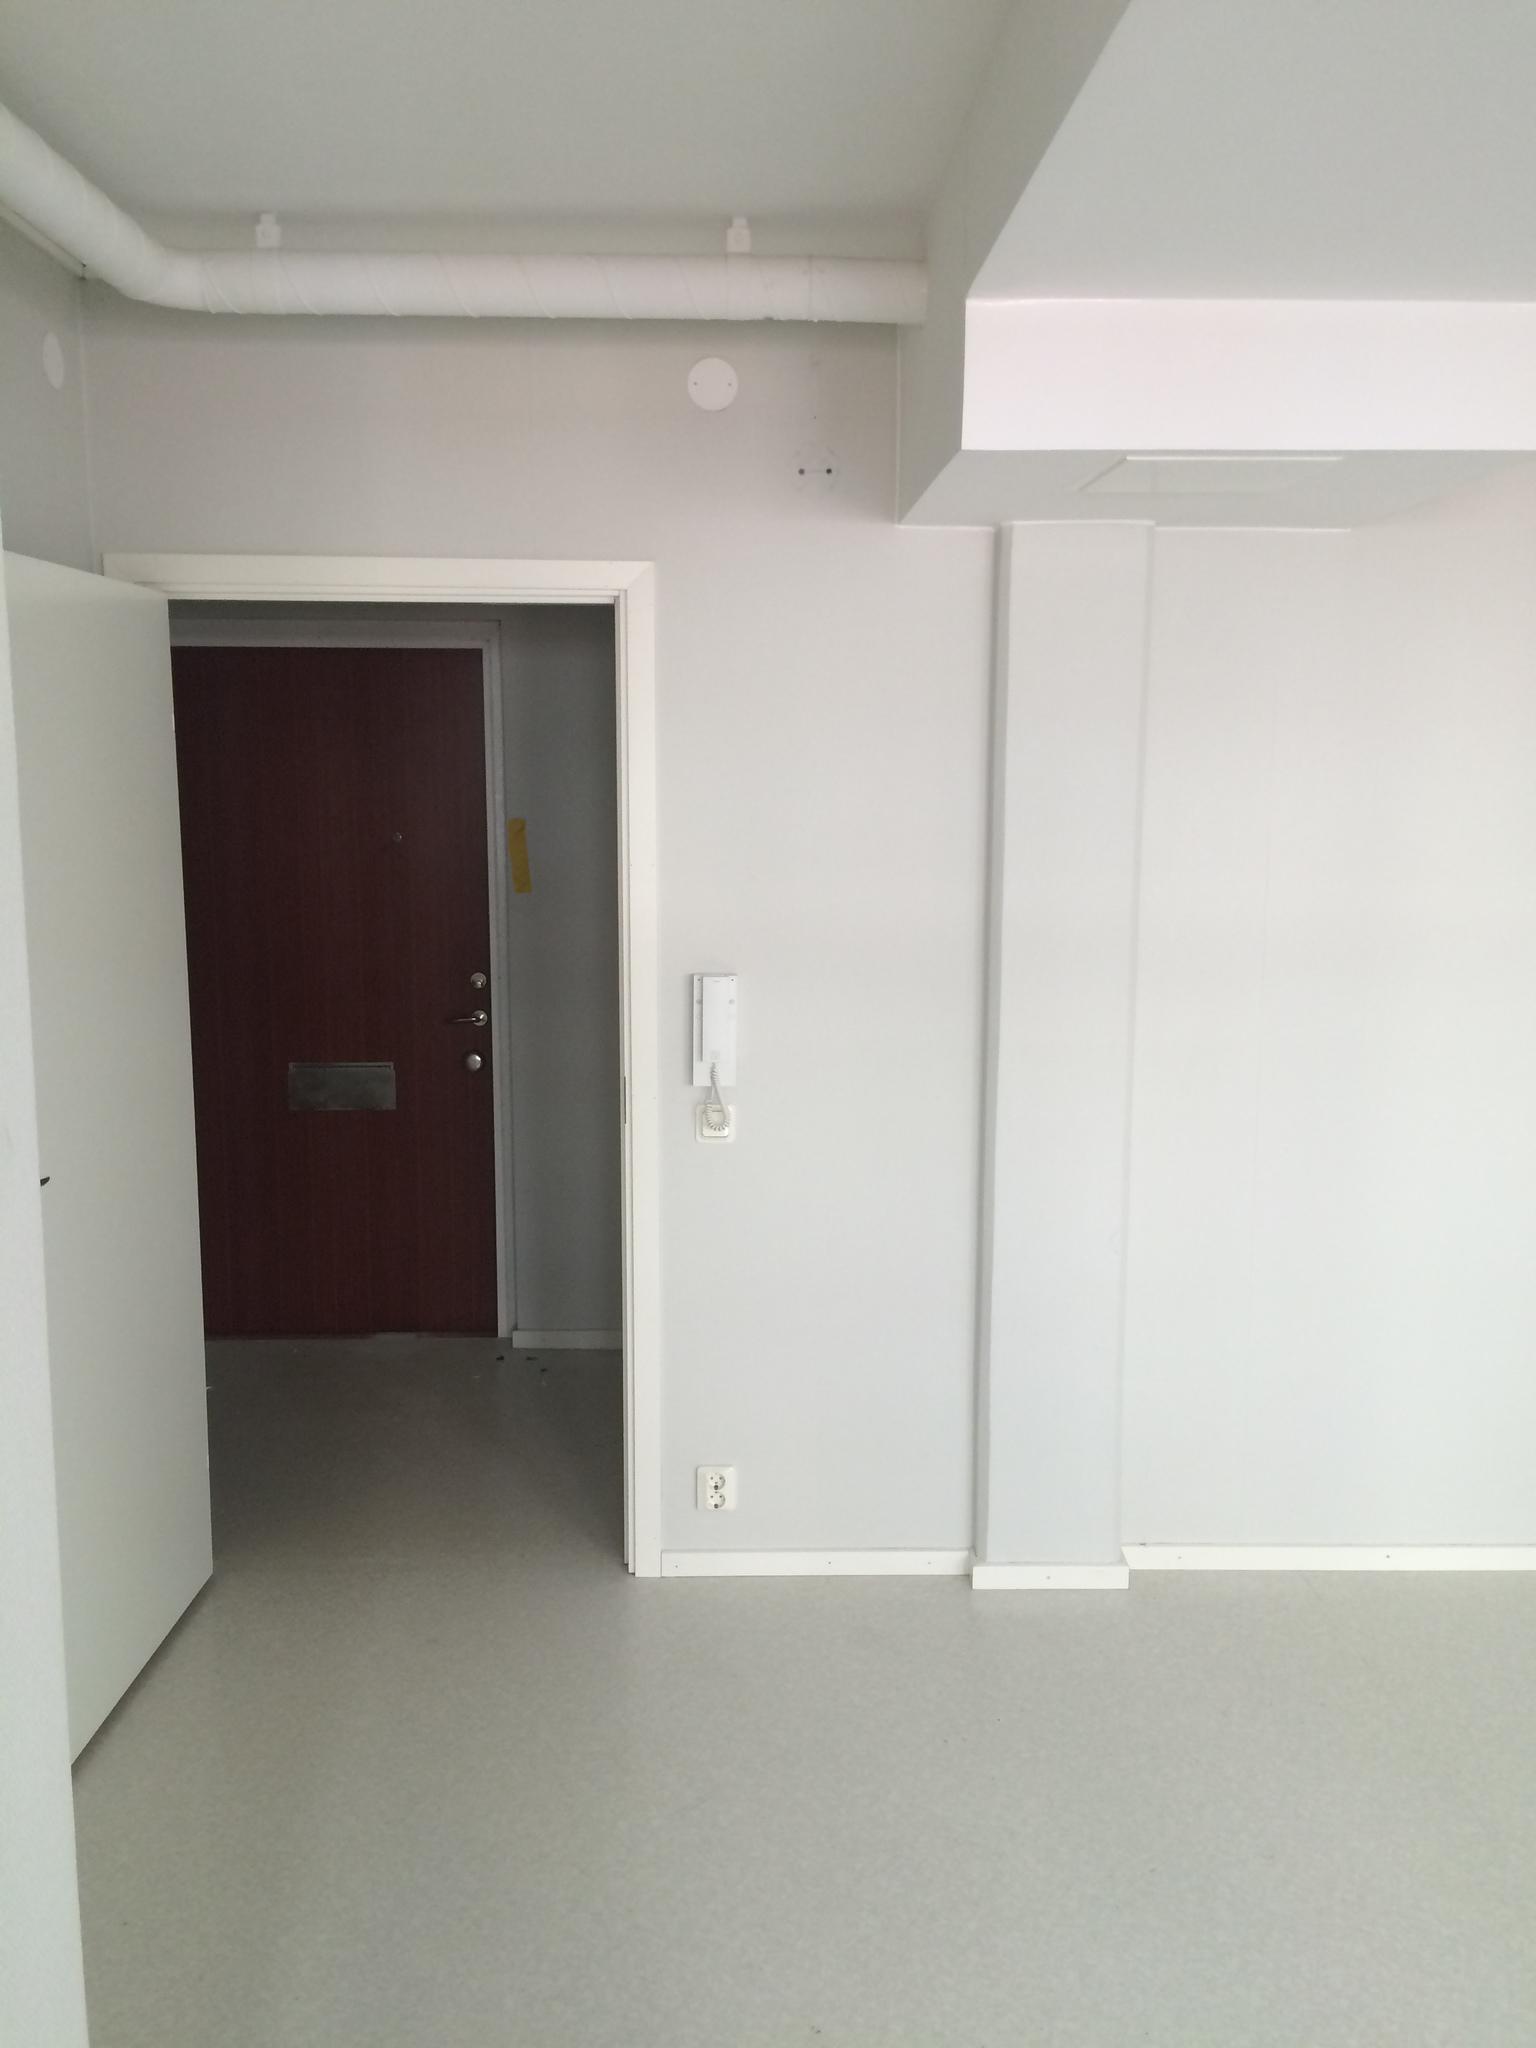 Klinker Kok Malmo : Renovering av badrum samt flytt av kok i Malmo